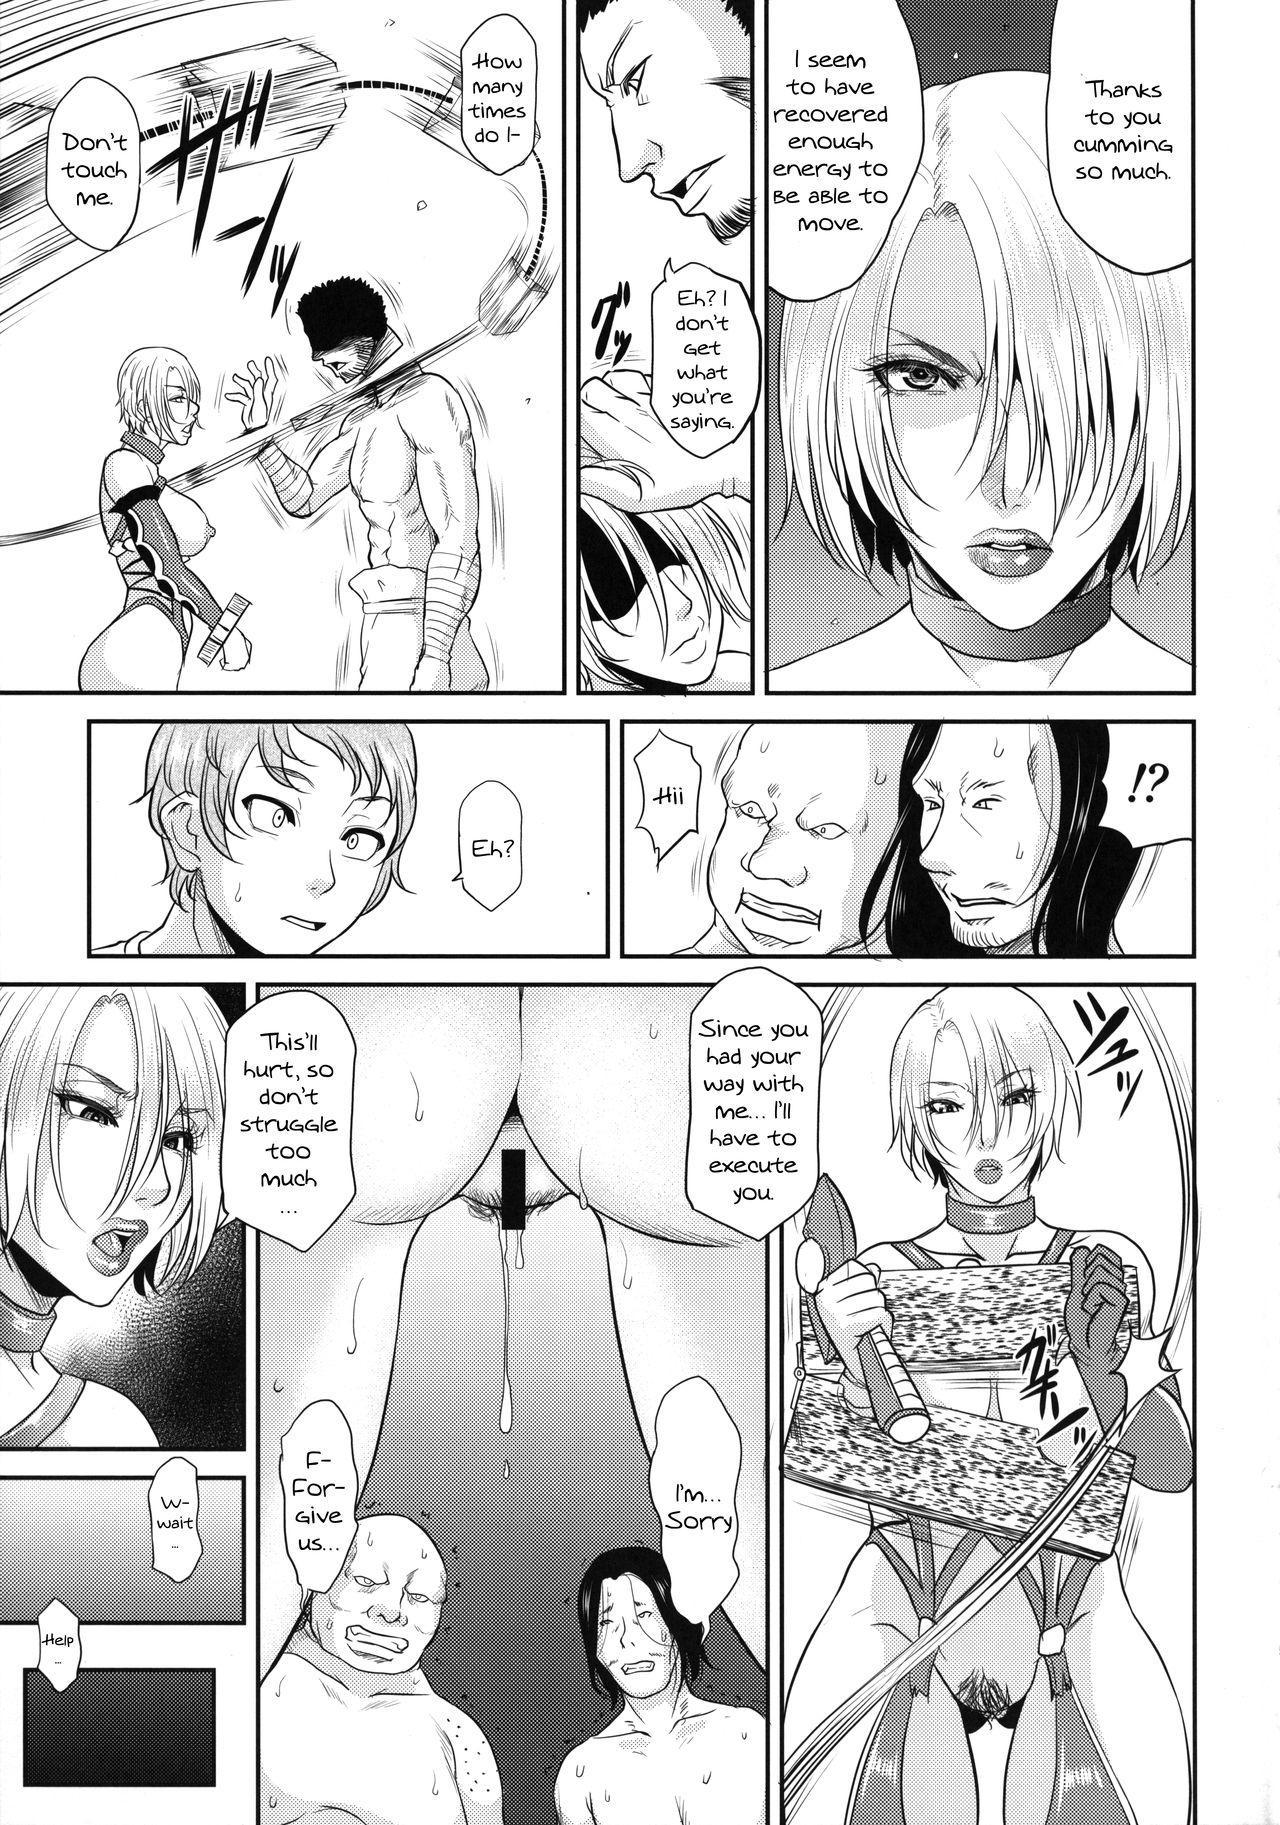 Tatoe Kousoku Shita Toshitemo Joou-sama ni wa Sakaraenai | Even If She's Bound You Can't Rebel Against a Queen 13